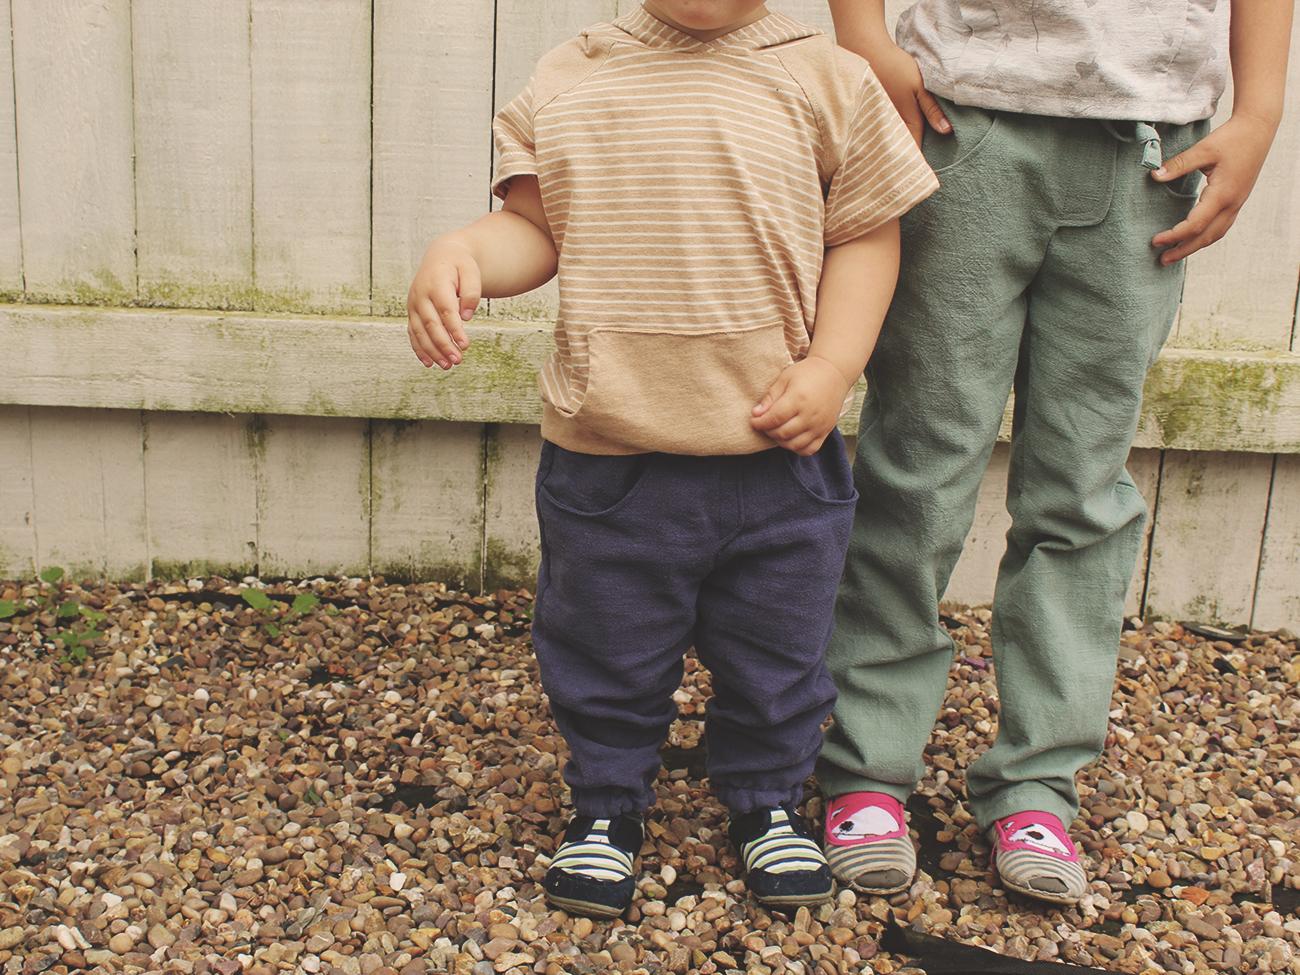 """Unsere Kinderhosen """"Alvin"""" - ganz minimalistisch aus Biostoffen"""